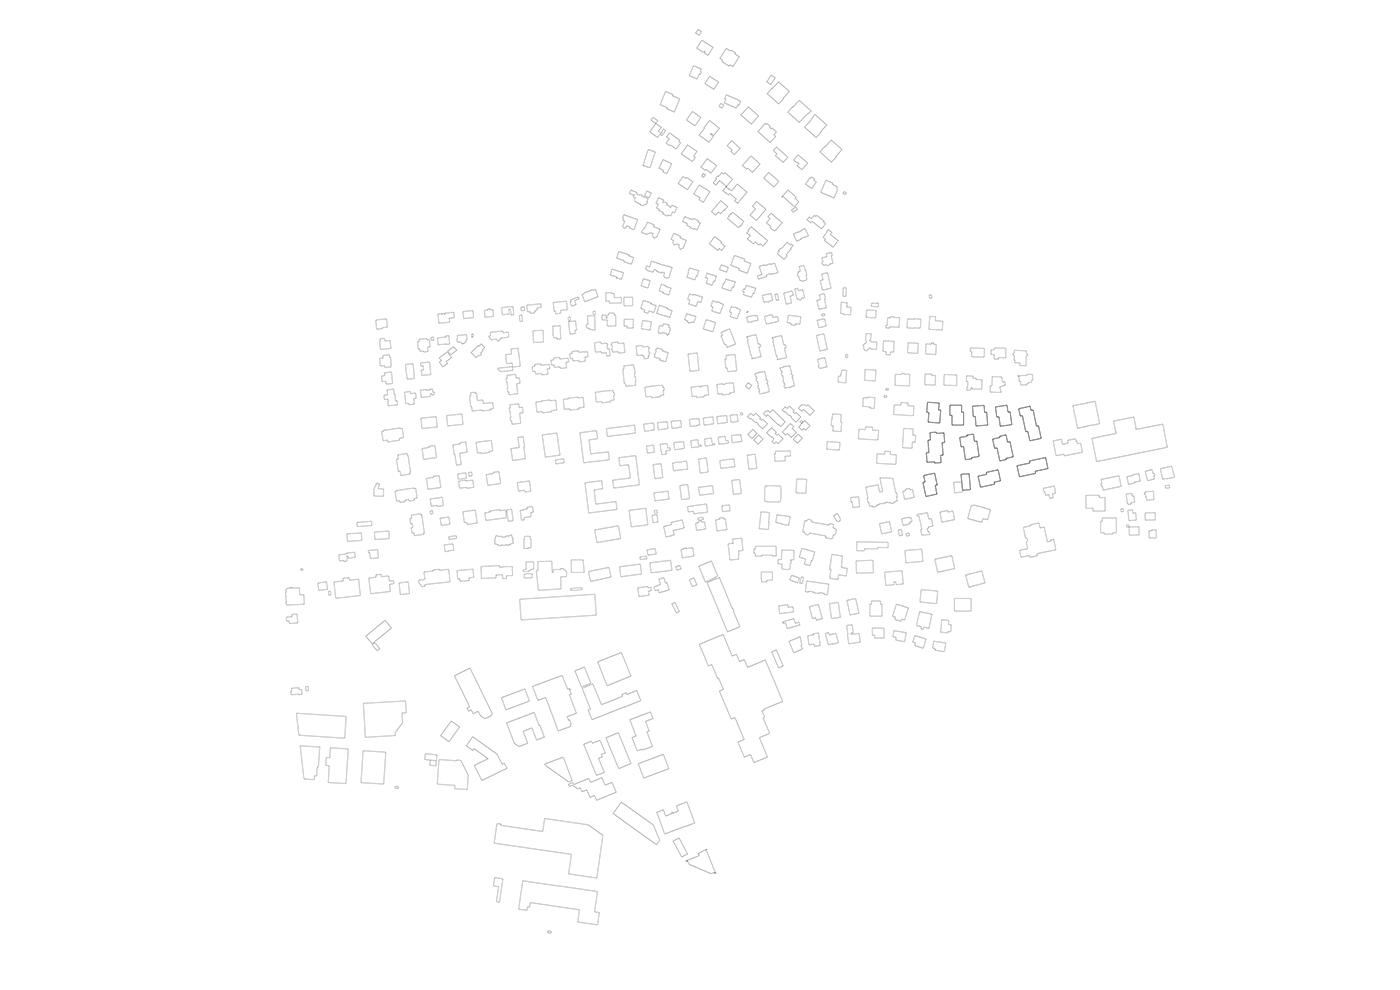 buan architekten – Studienauftrag Areal Schuetzenmatt Inwil – Schwarzplan